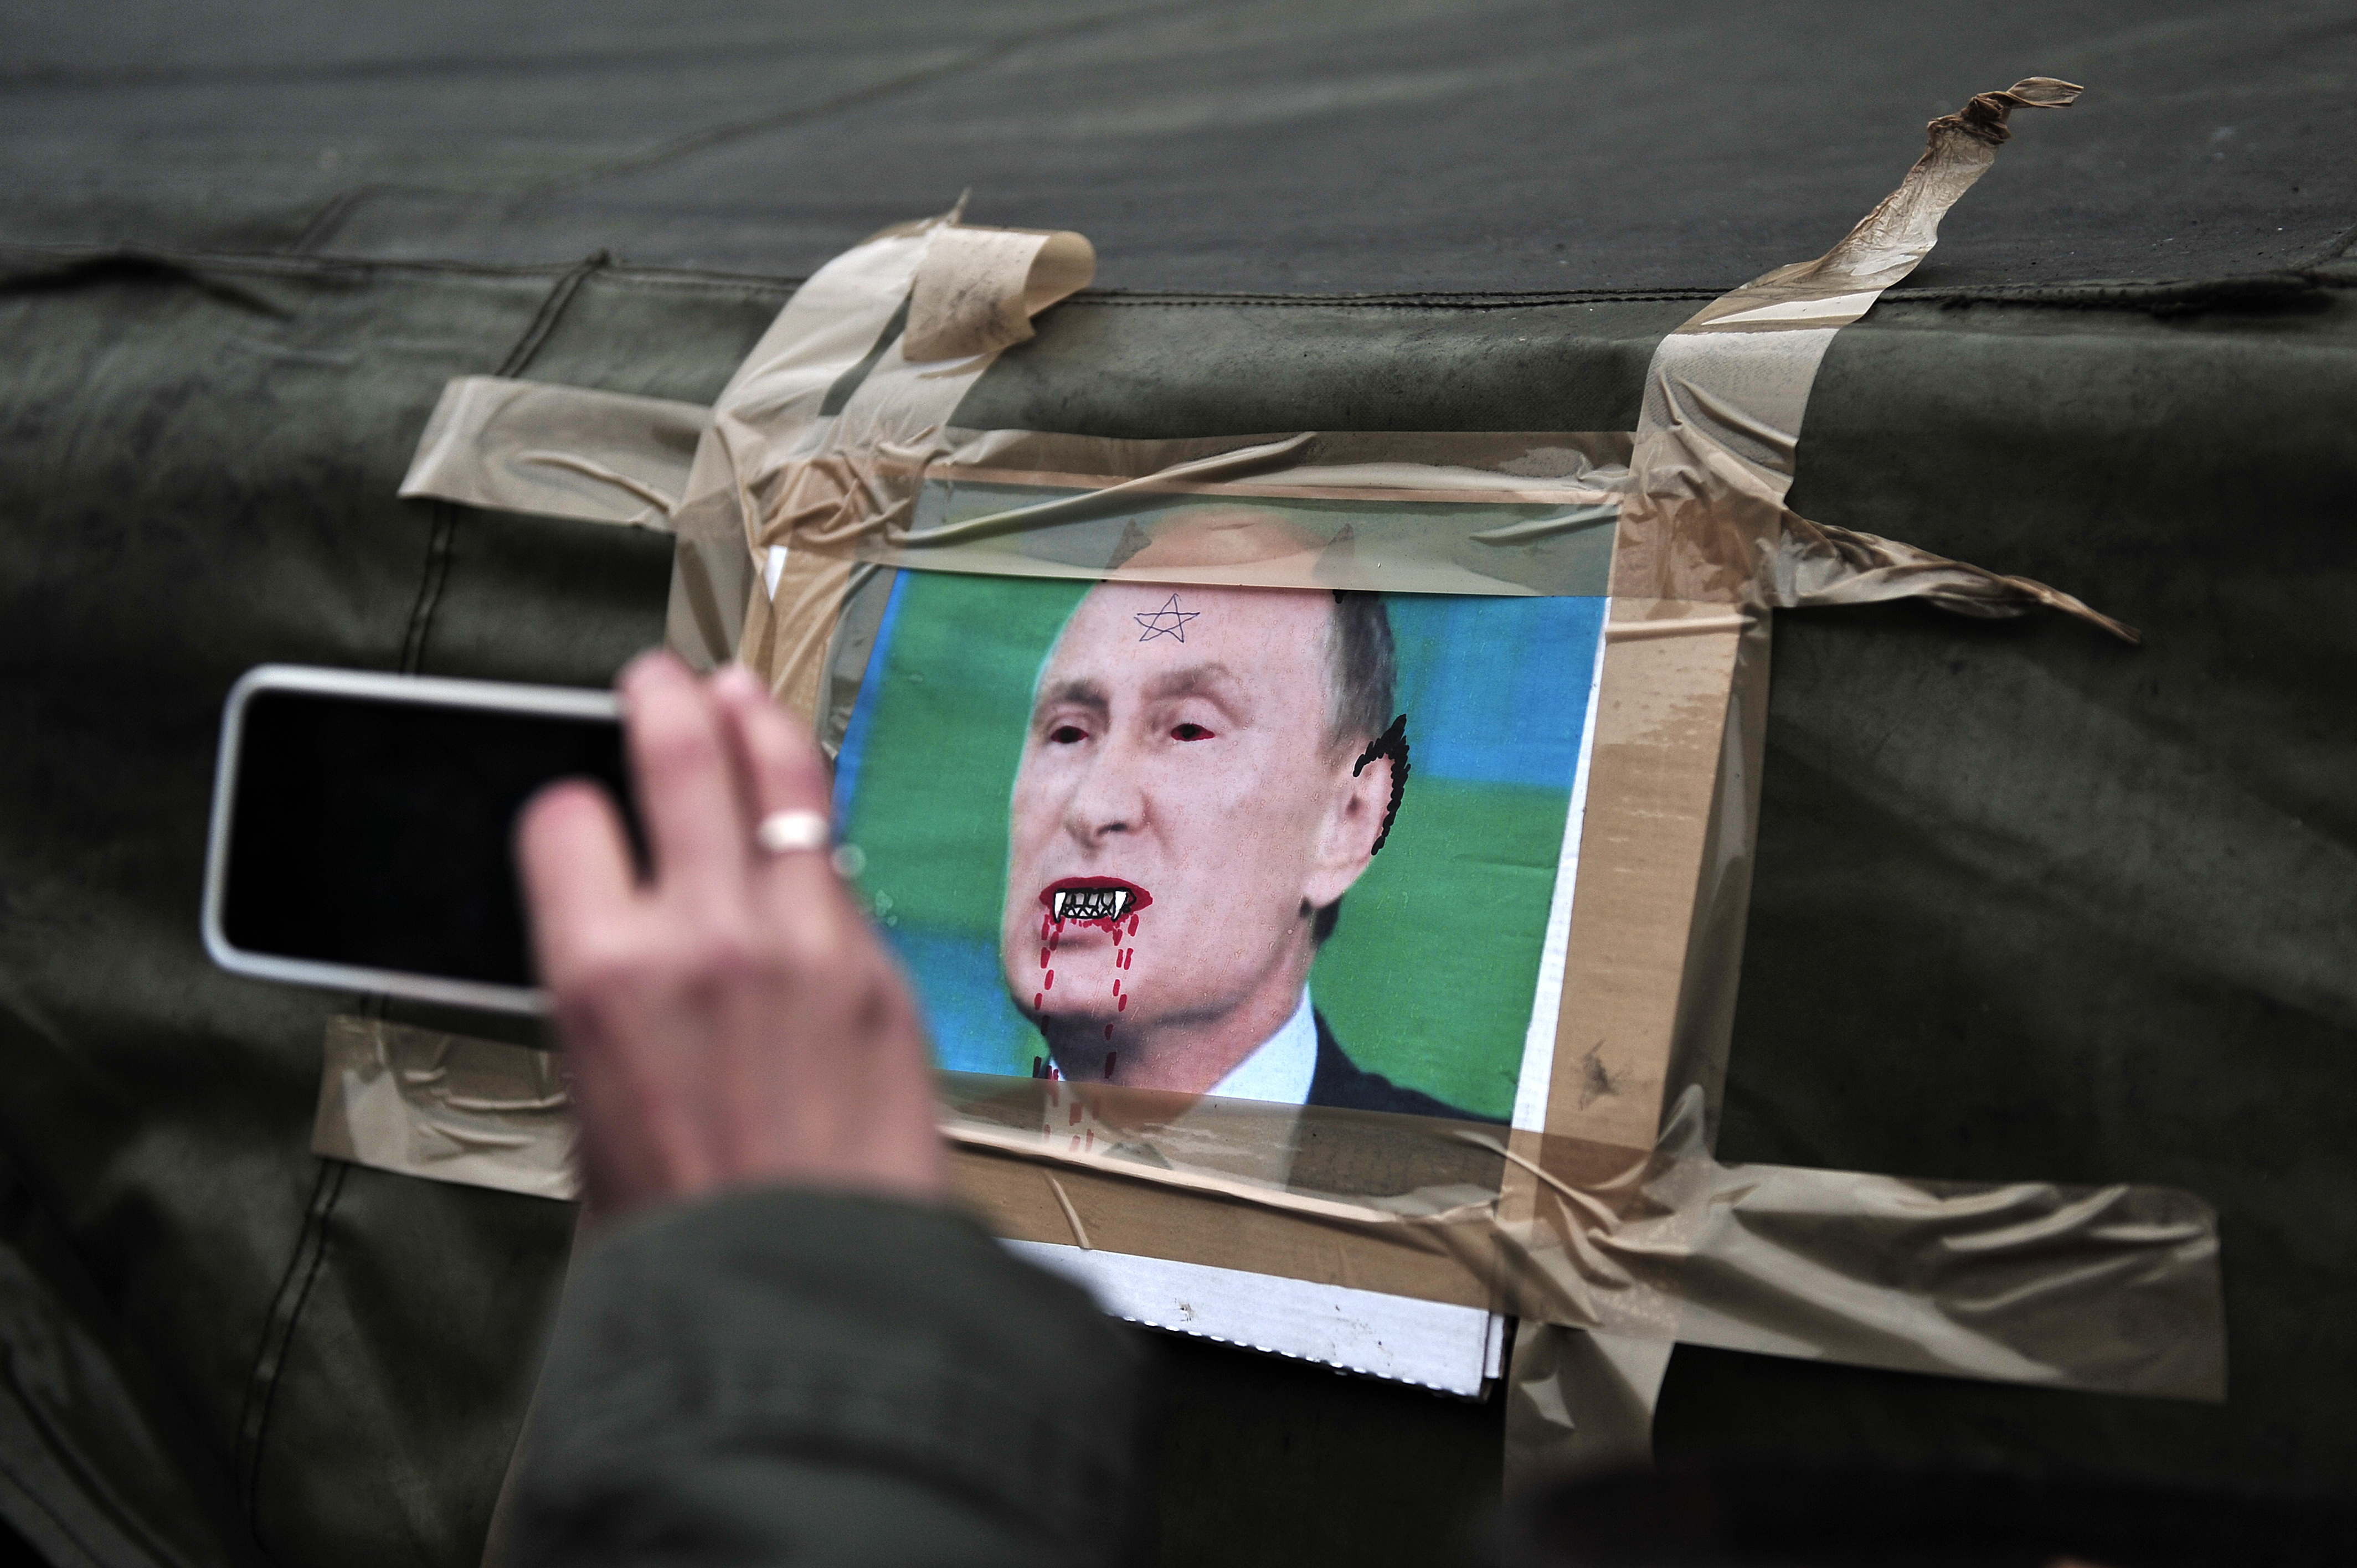 Egy orosz politikus rájött, mi a Pokémon Go lényege: megdönteni Putyin rendszerét